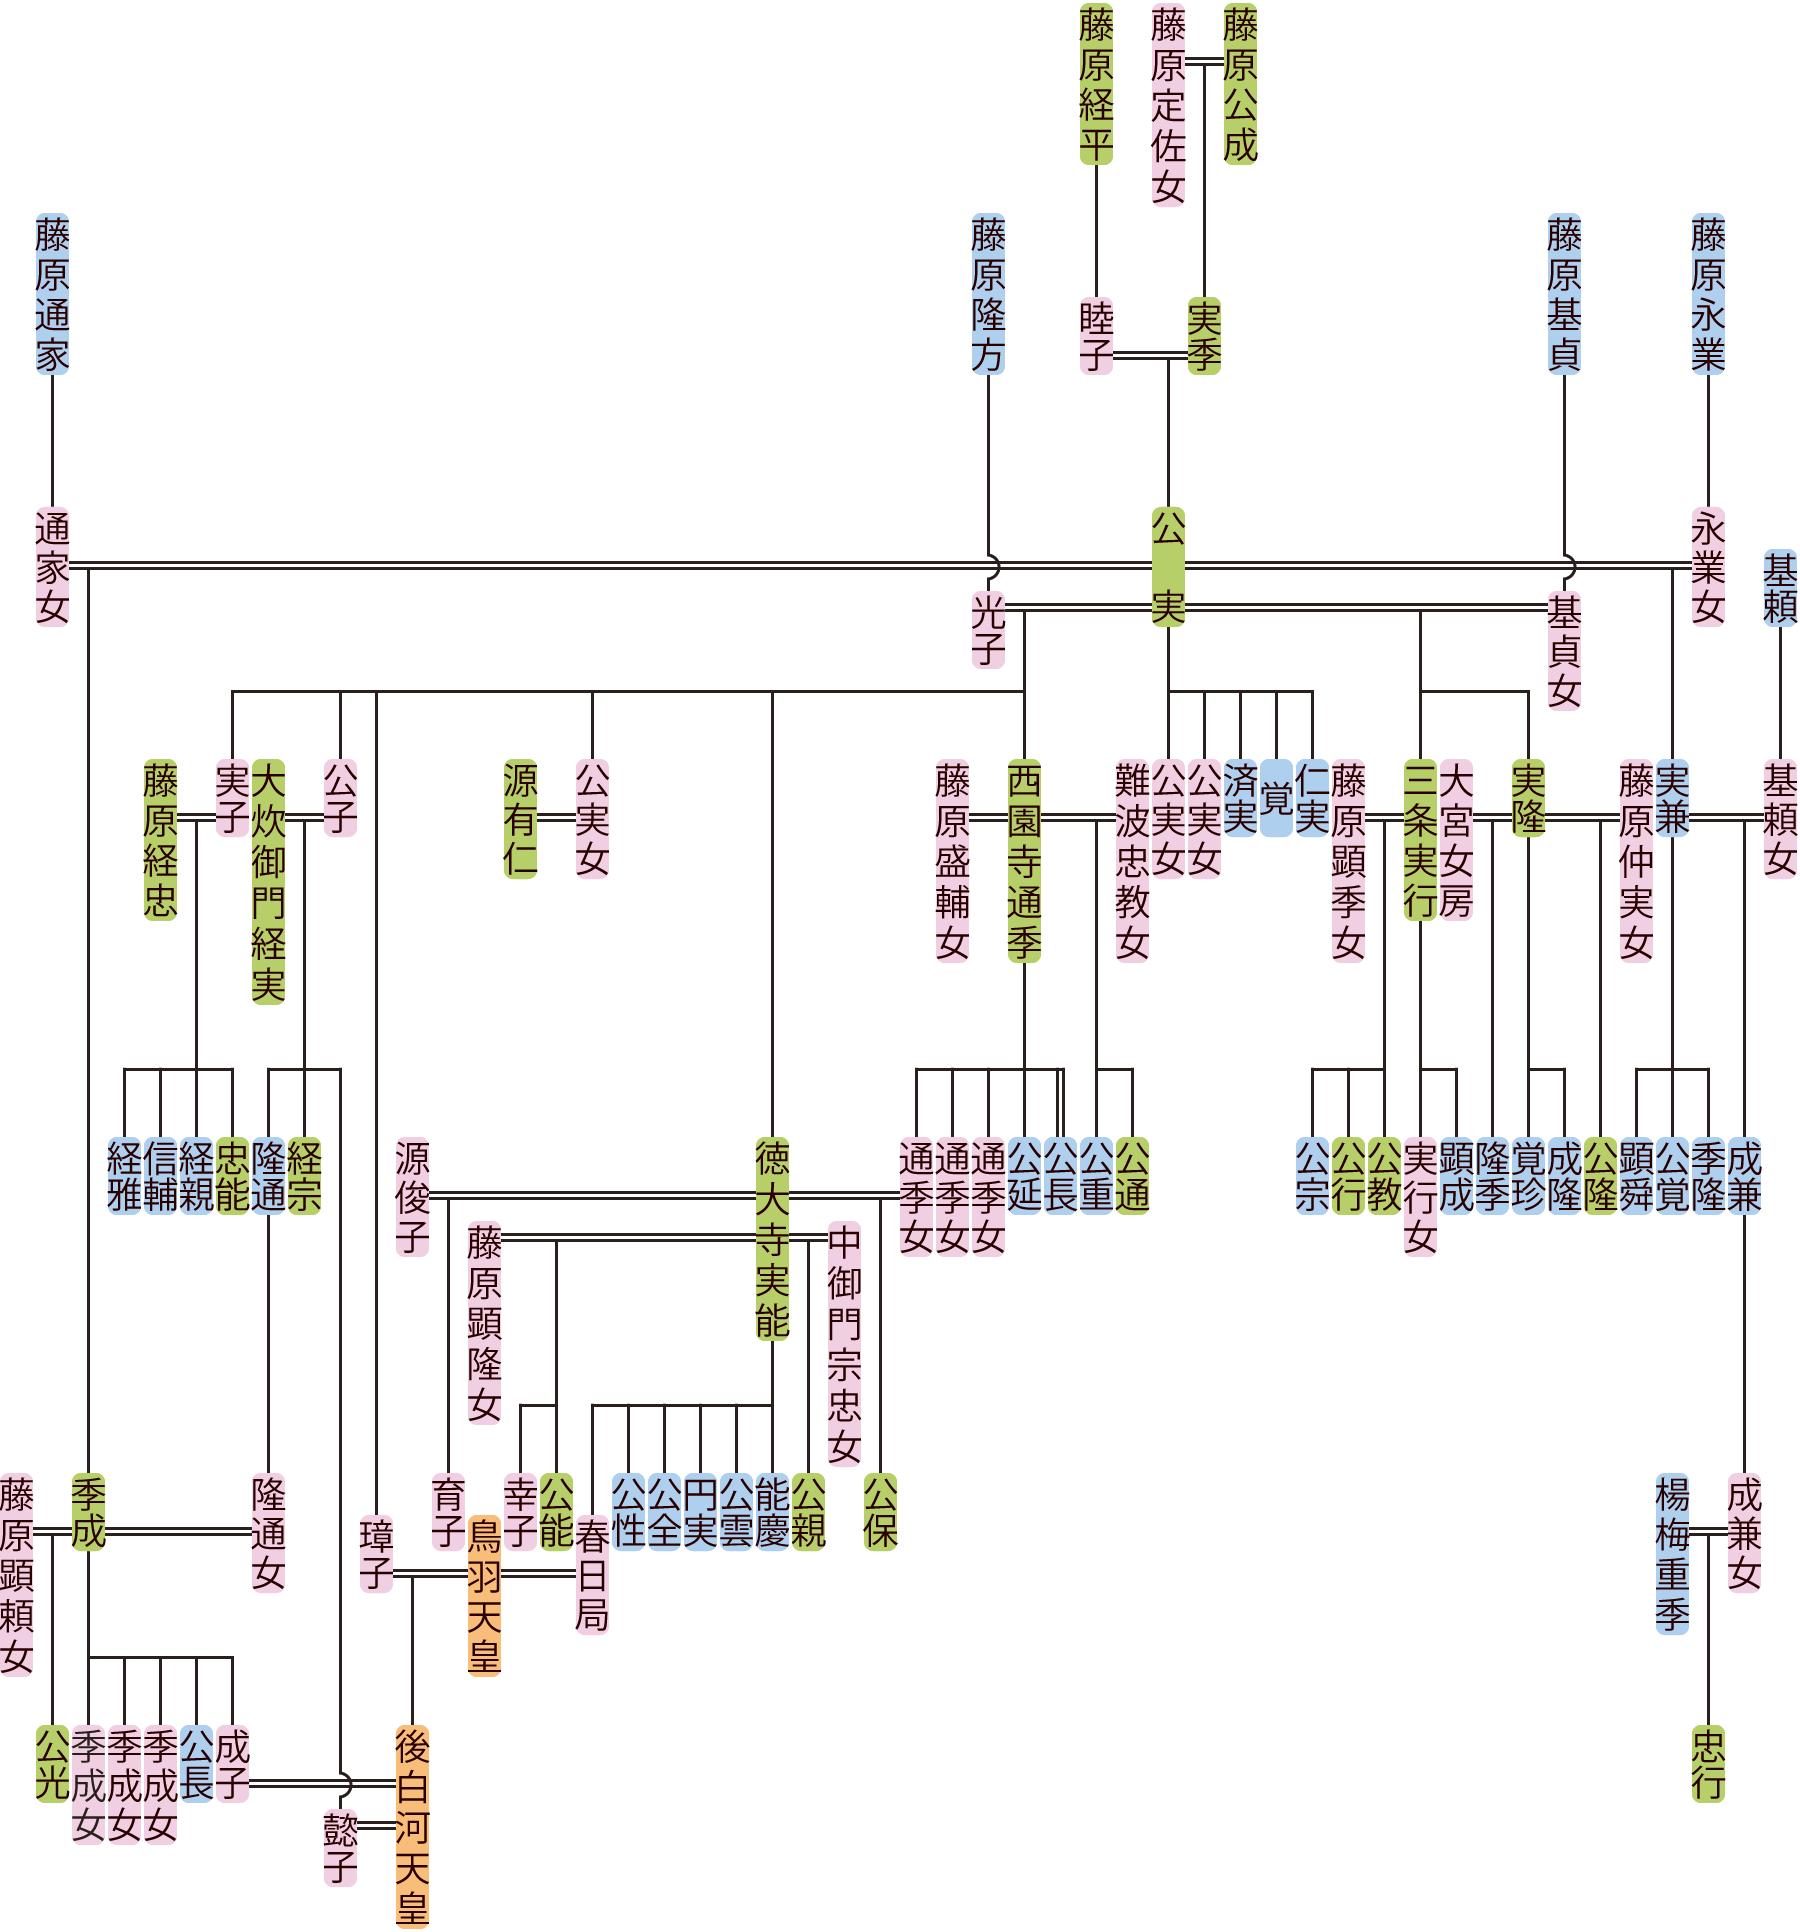 藤原公実の系図